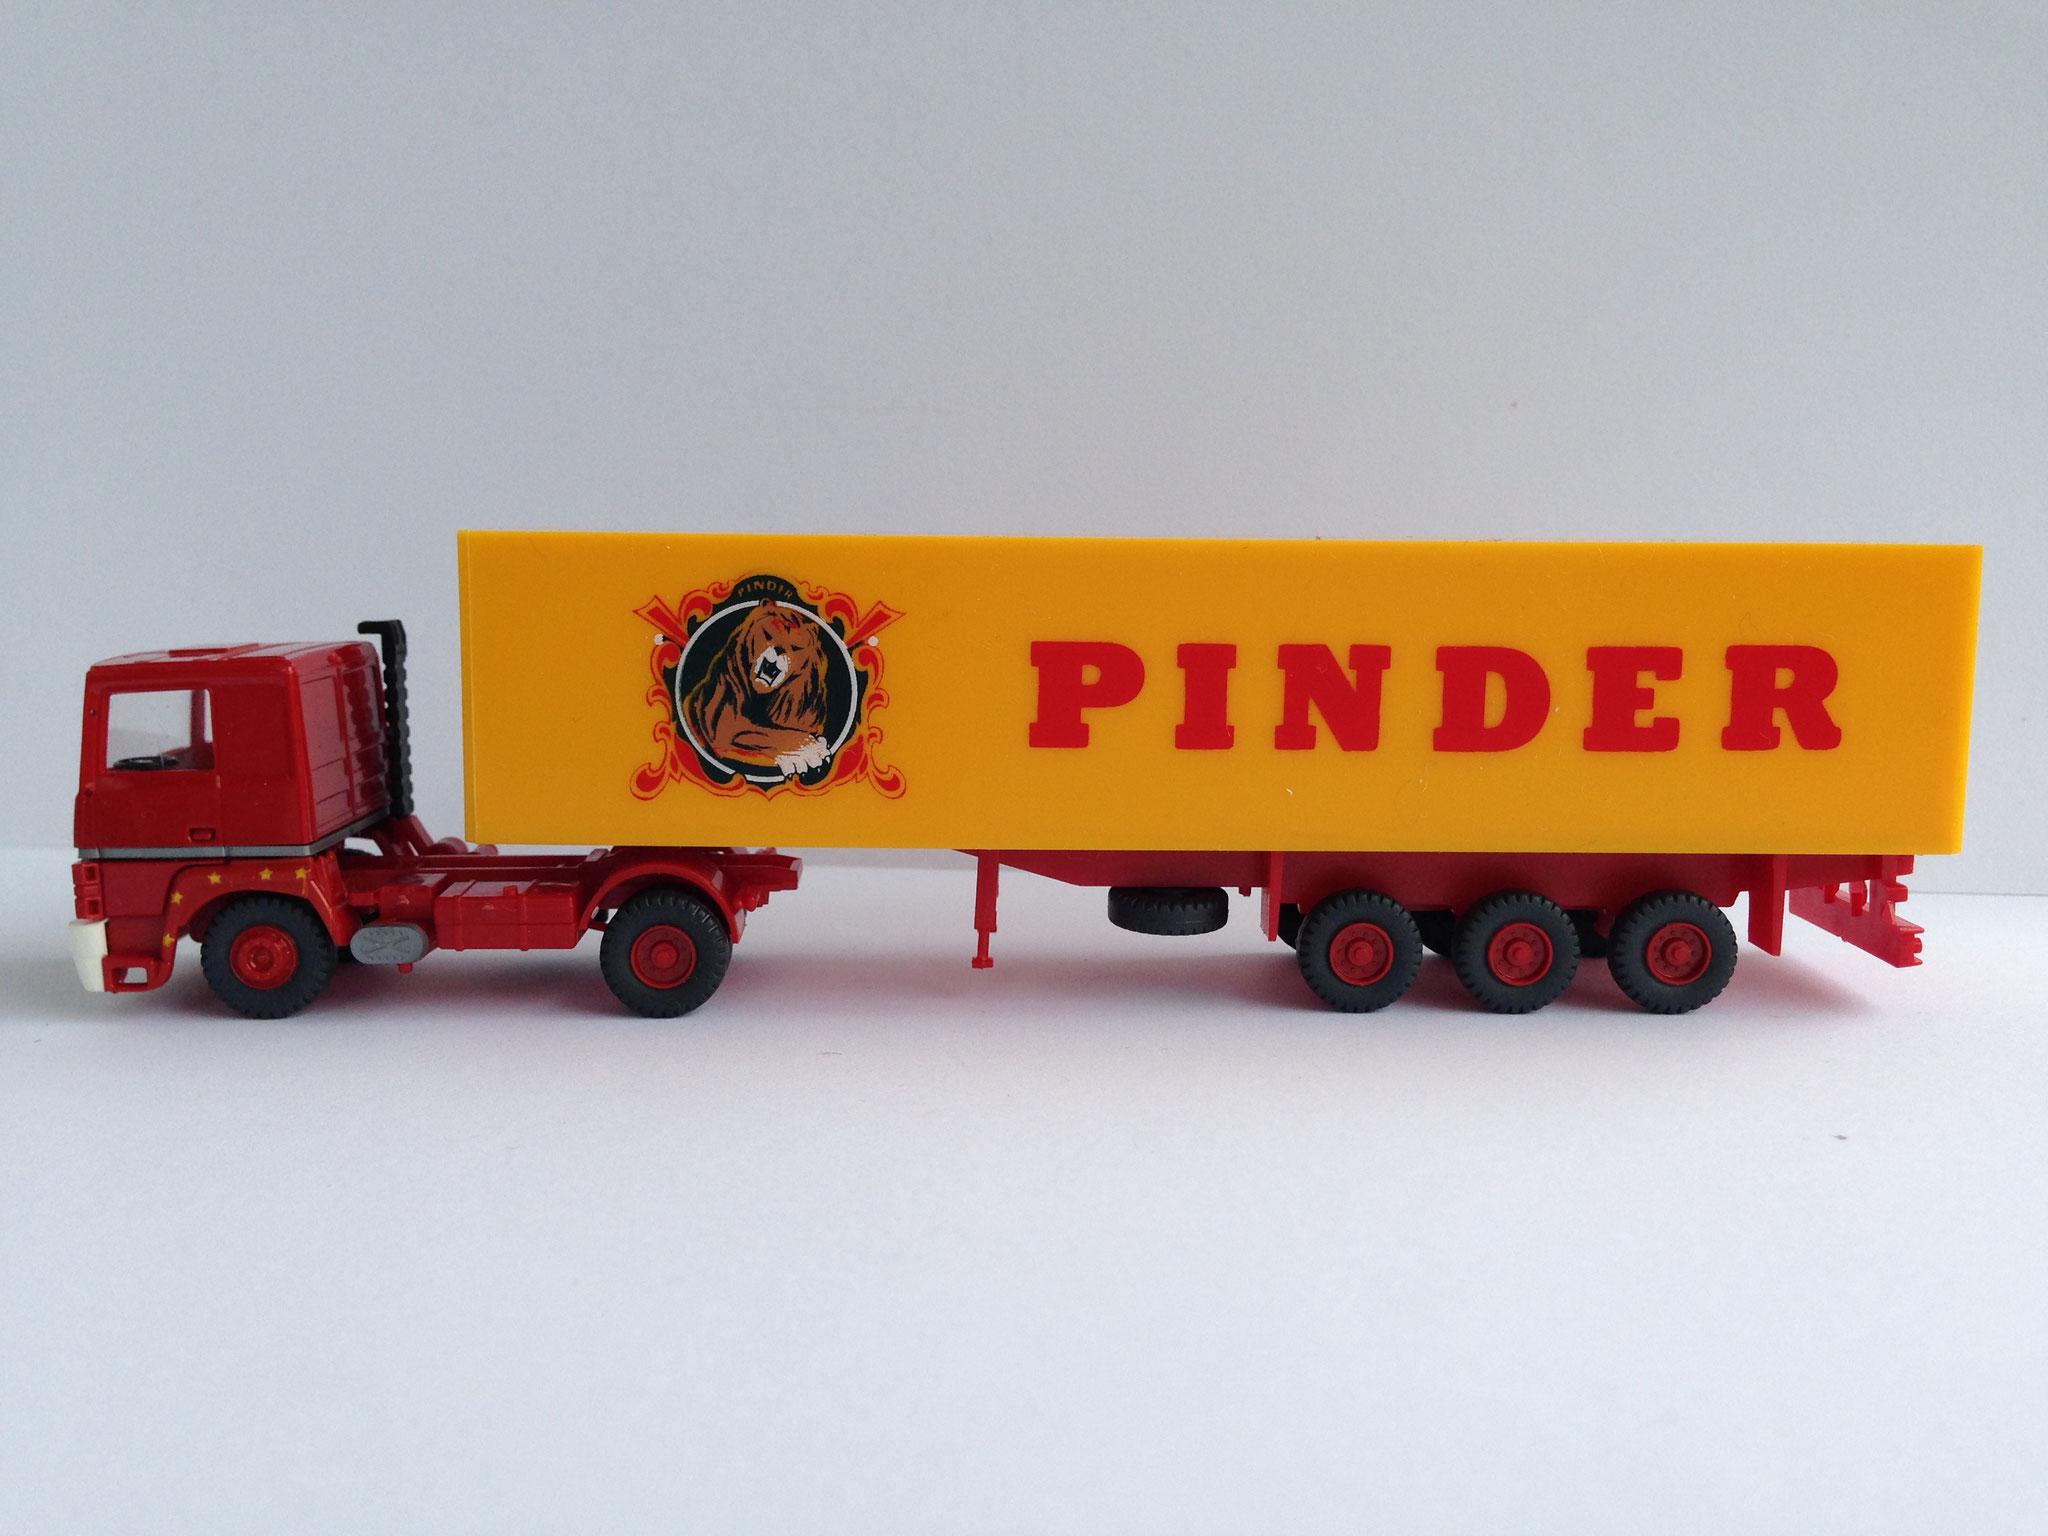 Pinder Sattelzug mit 3-Achs-Kastenauflieger, Art. Nr. 748 (ab 1989 im Programm)